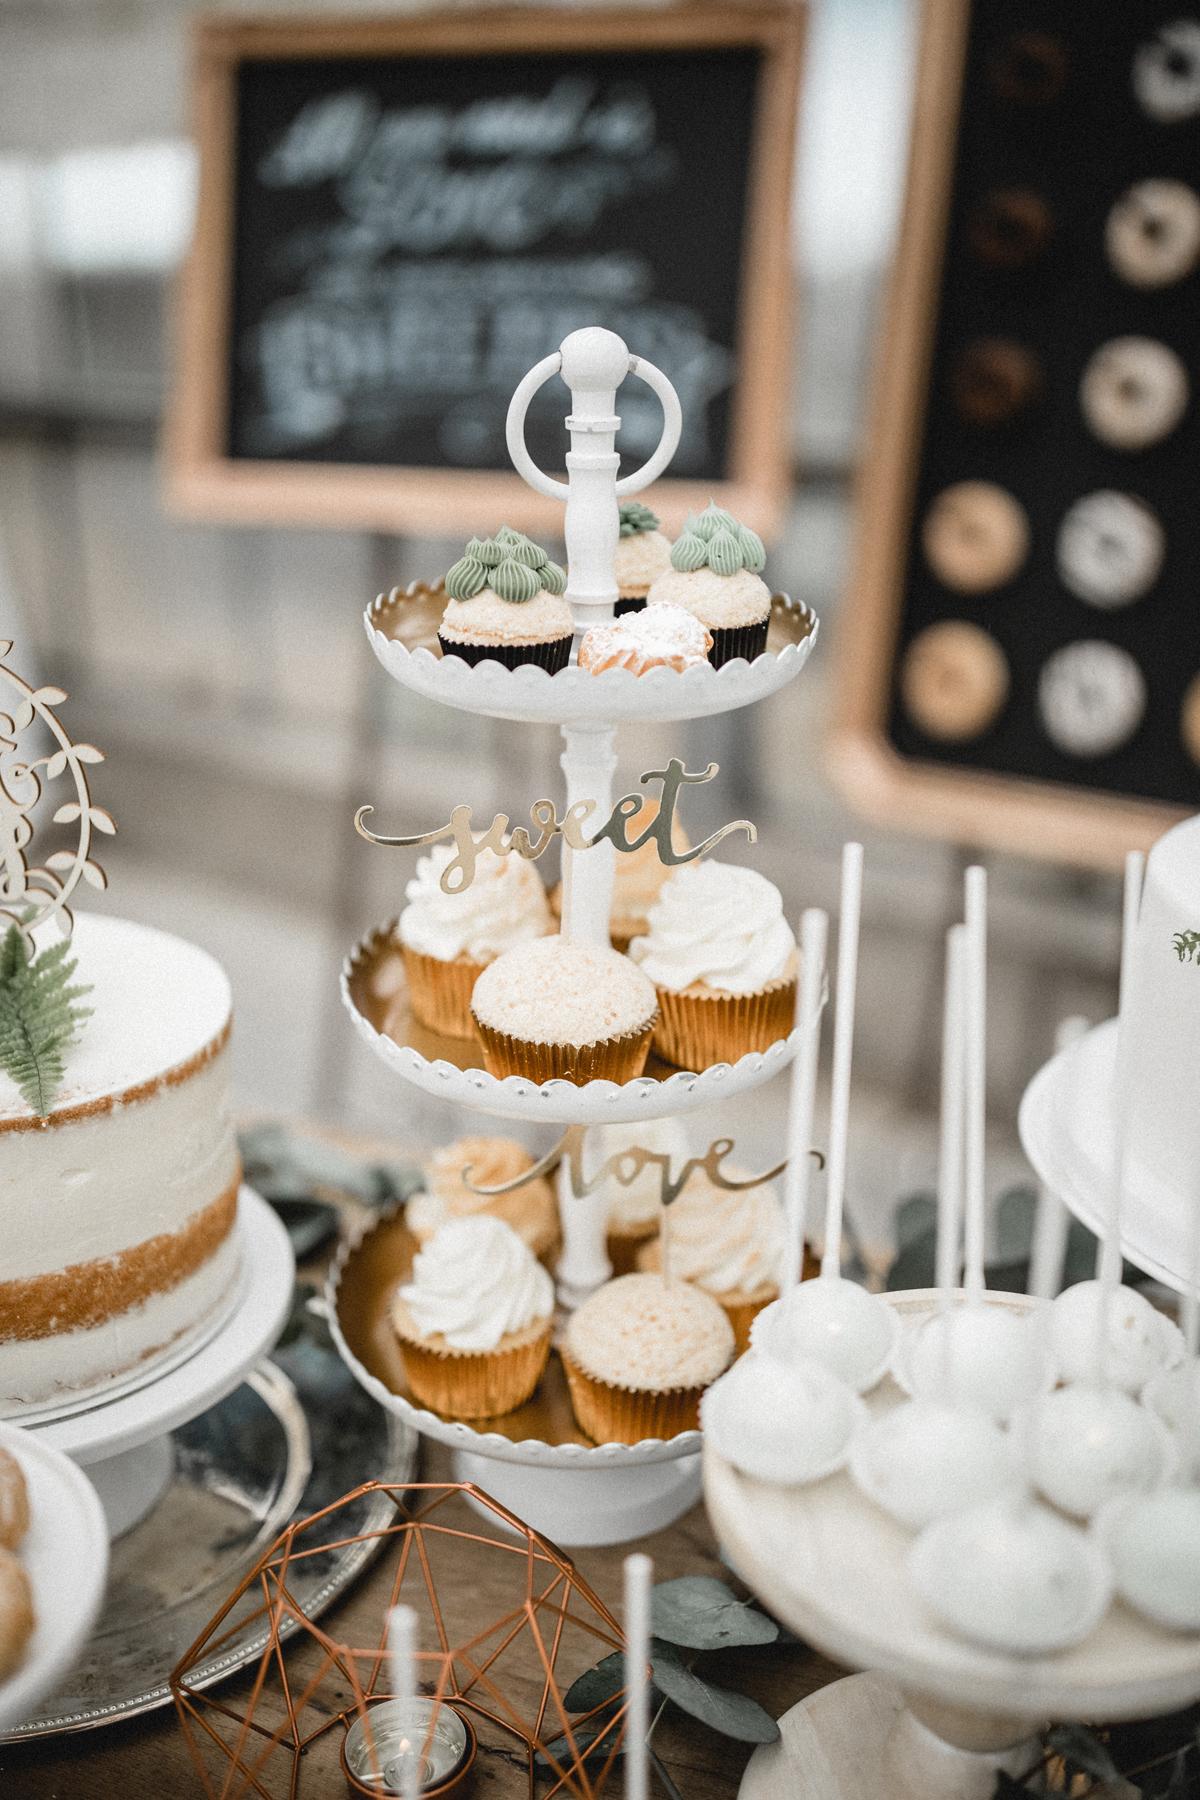 Andreas_Nusch_Hochzeitsfotografie_Brautshooting_2017_JA-Hochzeitsshop_0159